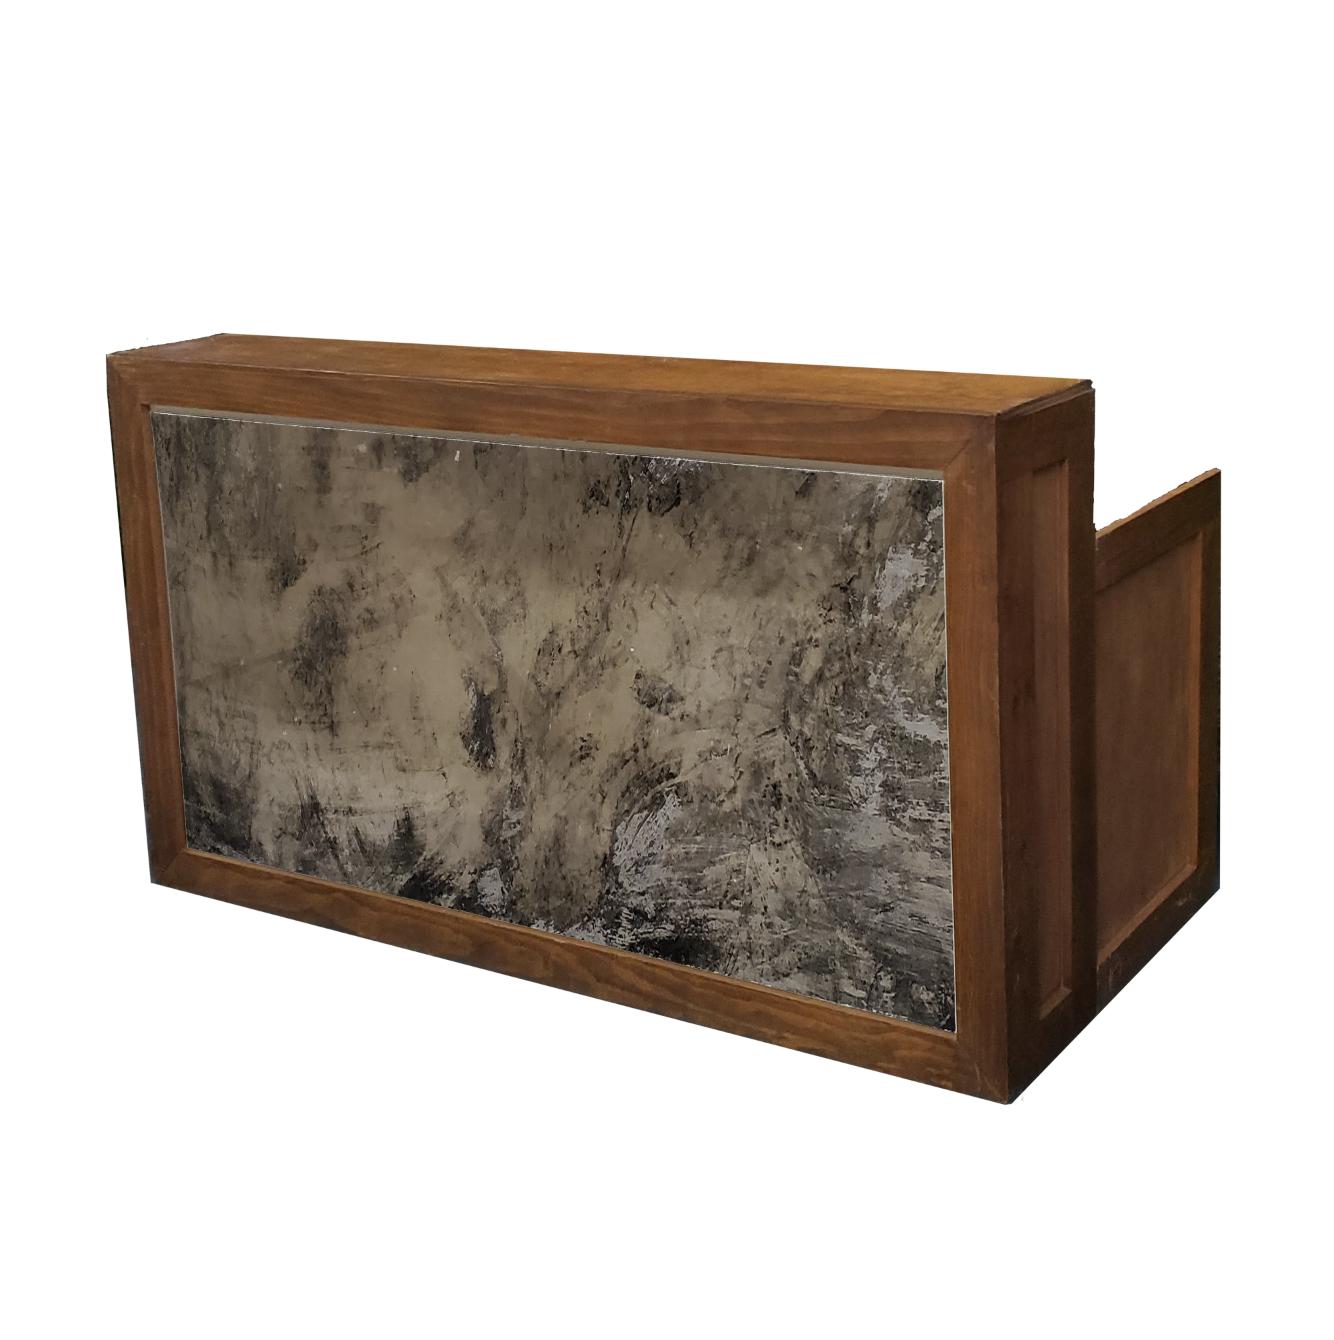 Wood Frame/Vintage Mirror $200